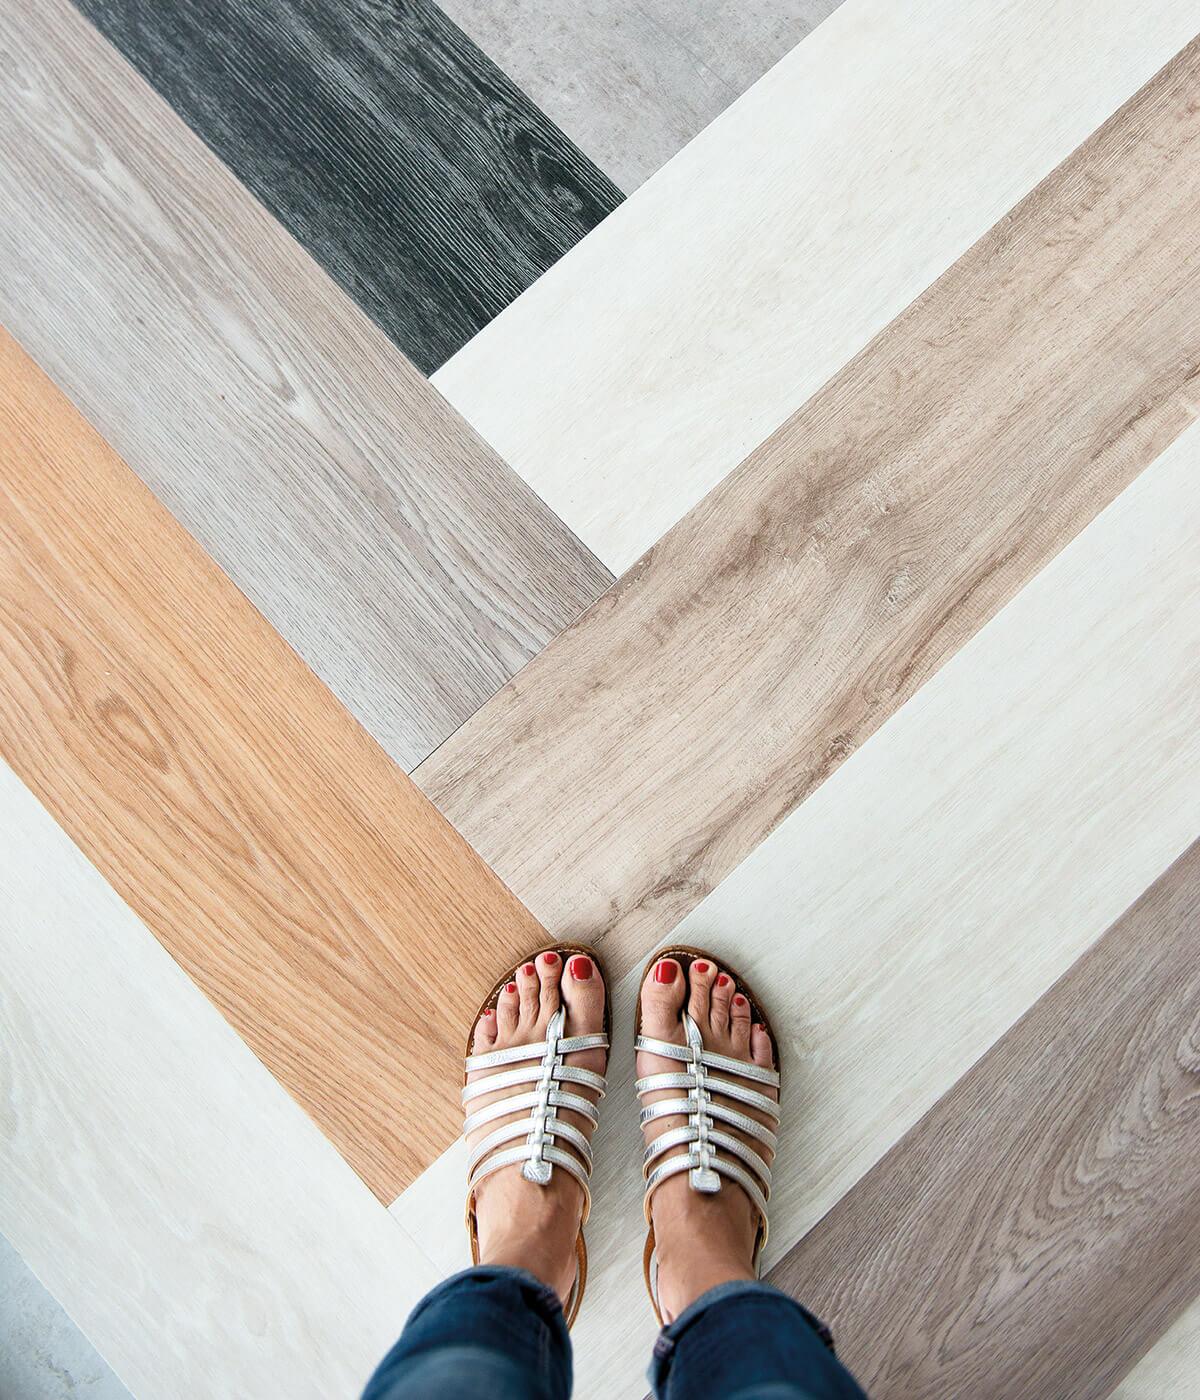 pavimenti e rivestimenti SVAI_campioni listelli laminato